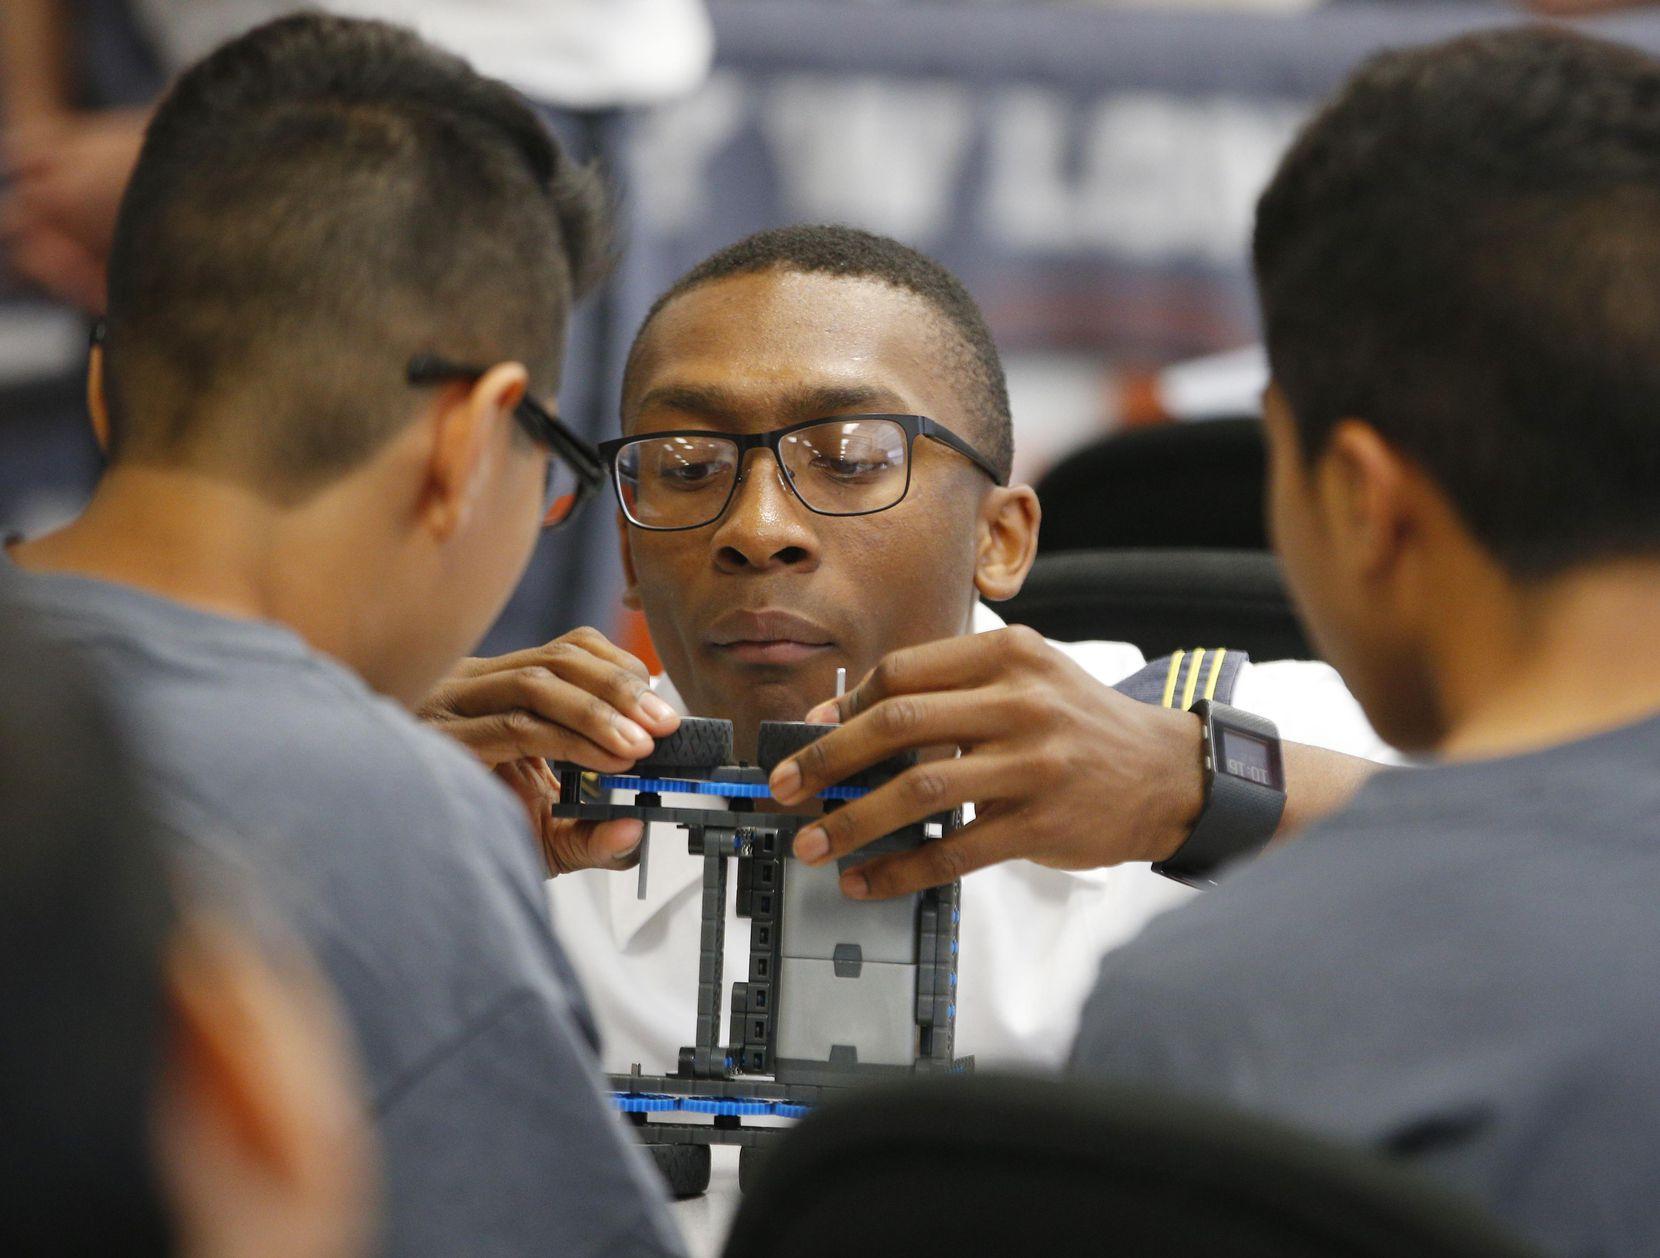 James Grays, un cadete de Westpoint, ayuda a Mauricio Pantoja, de 12 años, y Christian Orozco, de 15, a construir un robot VEX, durante un campamento de verano organizado por el distrito de Dallas. NATHAN HUNSINGER/DMN